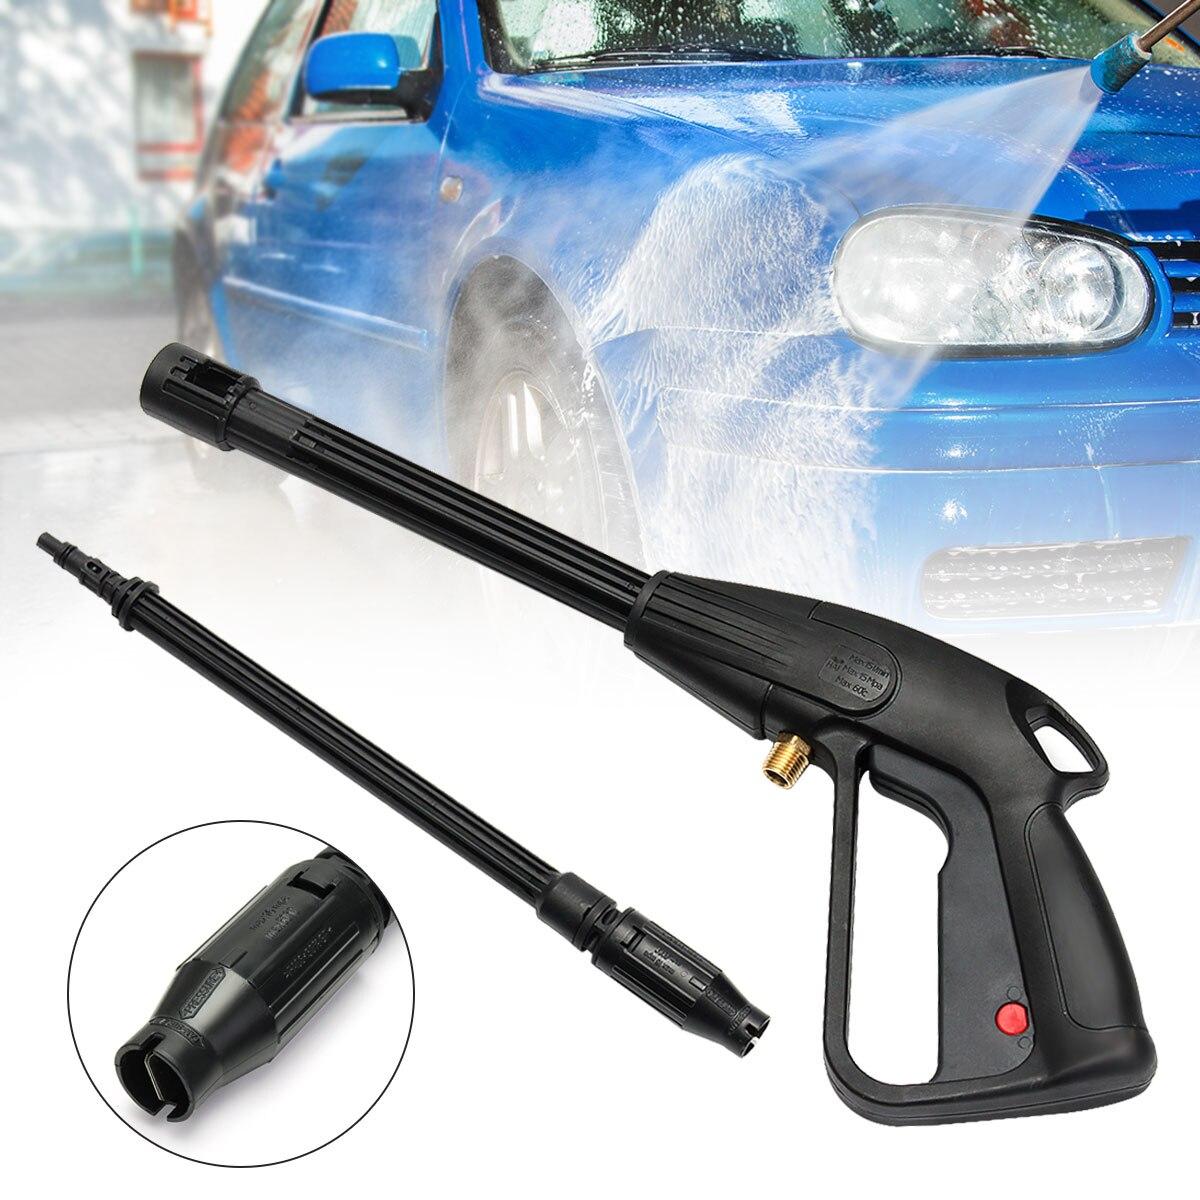 Boquilla de pulverización de alta presión, pistola de agua ajustable accesorios para lavado CX001B para limpieza de jardín de coche ¡Novedad! 1 Uds. WST doble apilador bolsa para G36 Mag funda cartuchera con alta calidad-CP/Negro/Verde/Tan